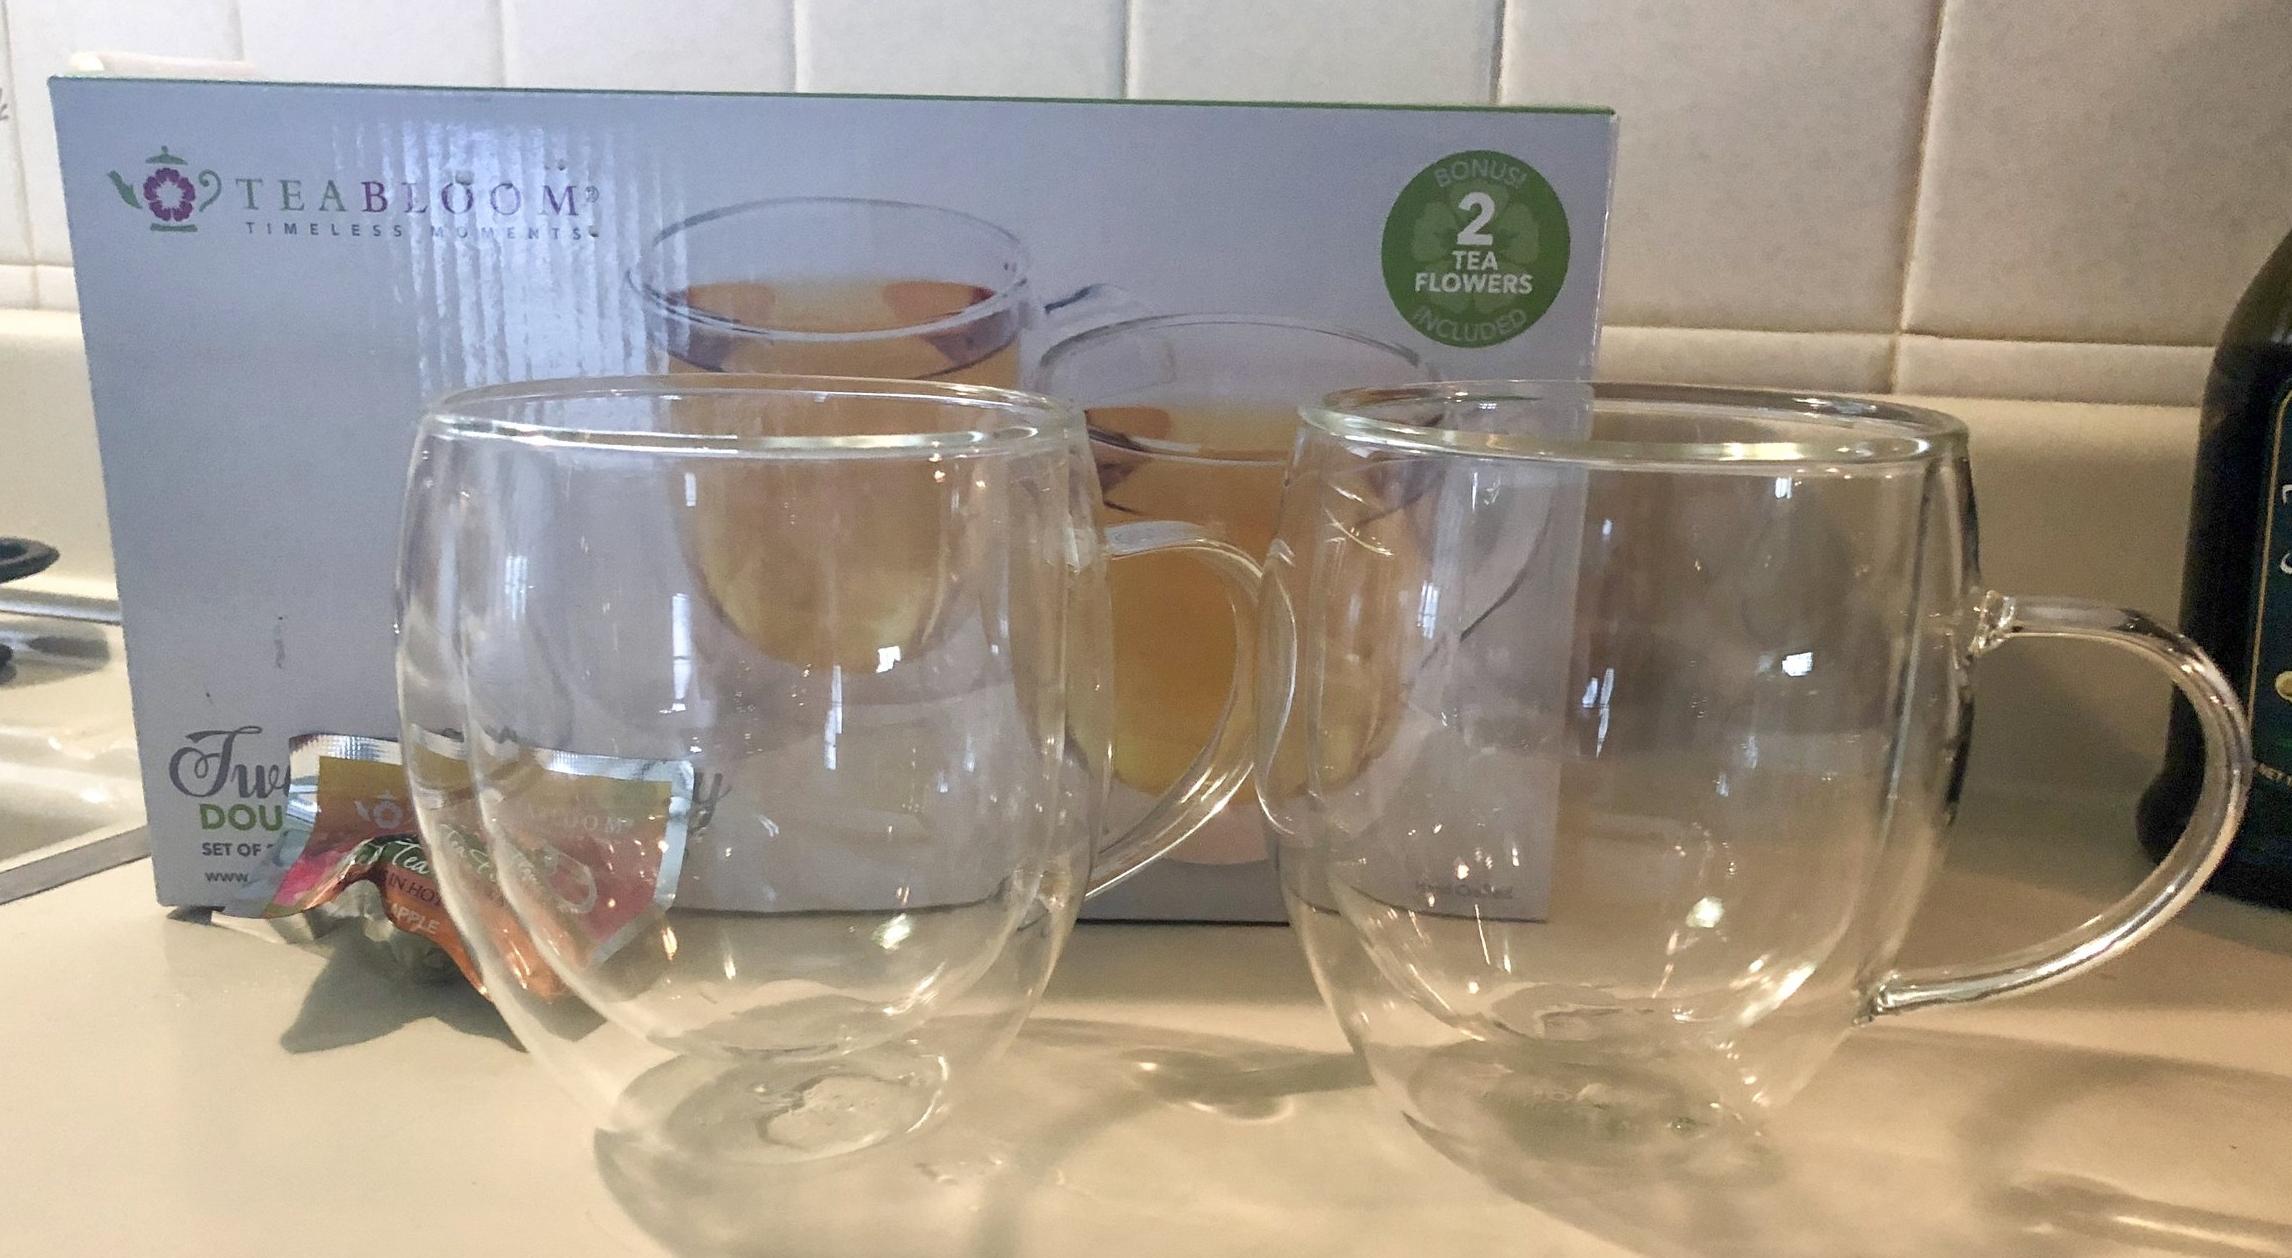 My Mug set